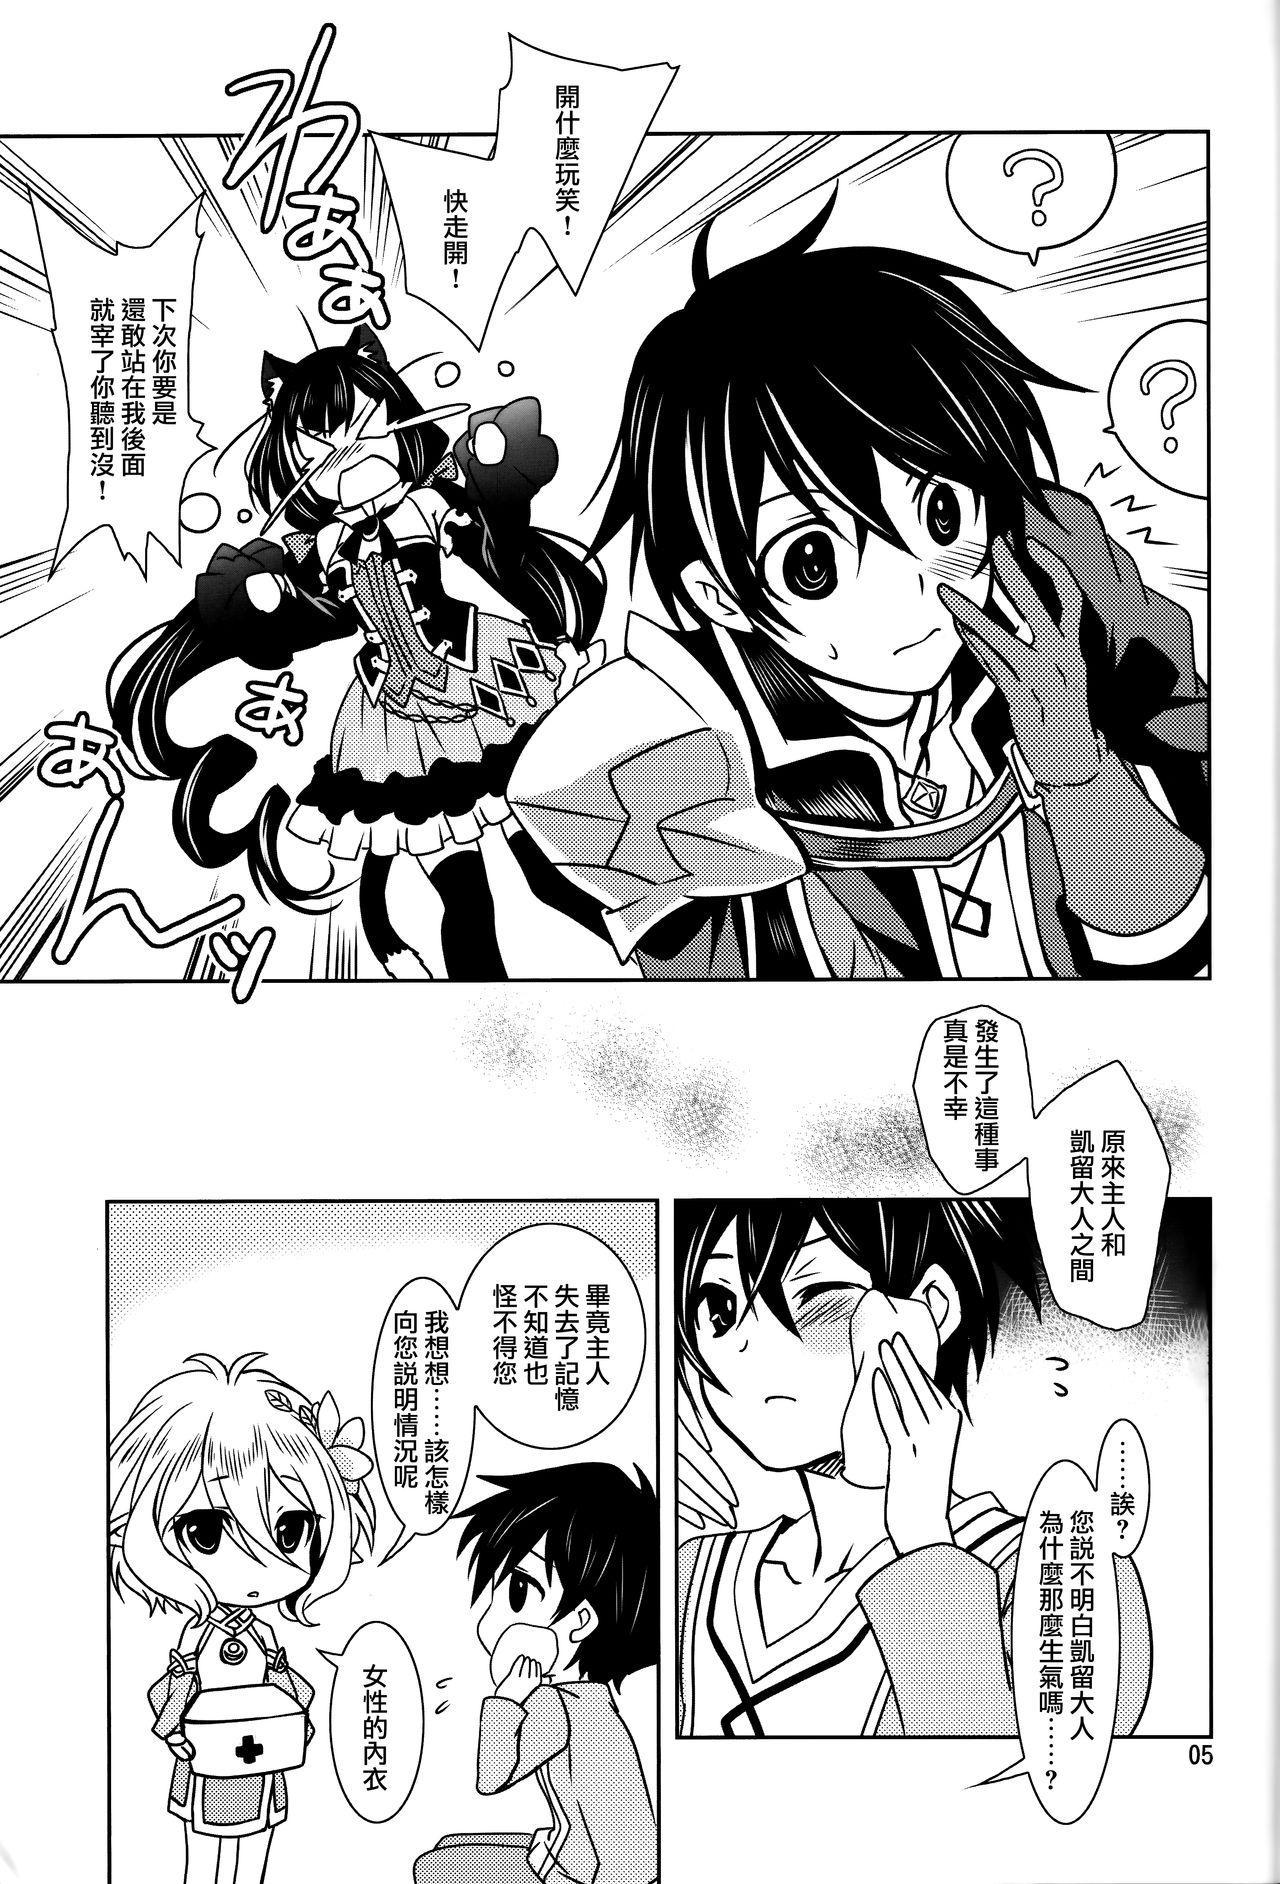 Aruji-sama ni Naisho no Memory Piece 4